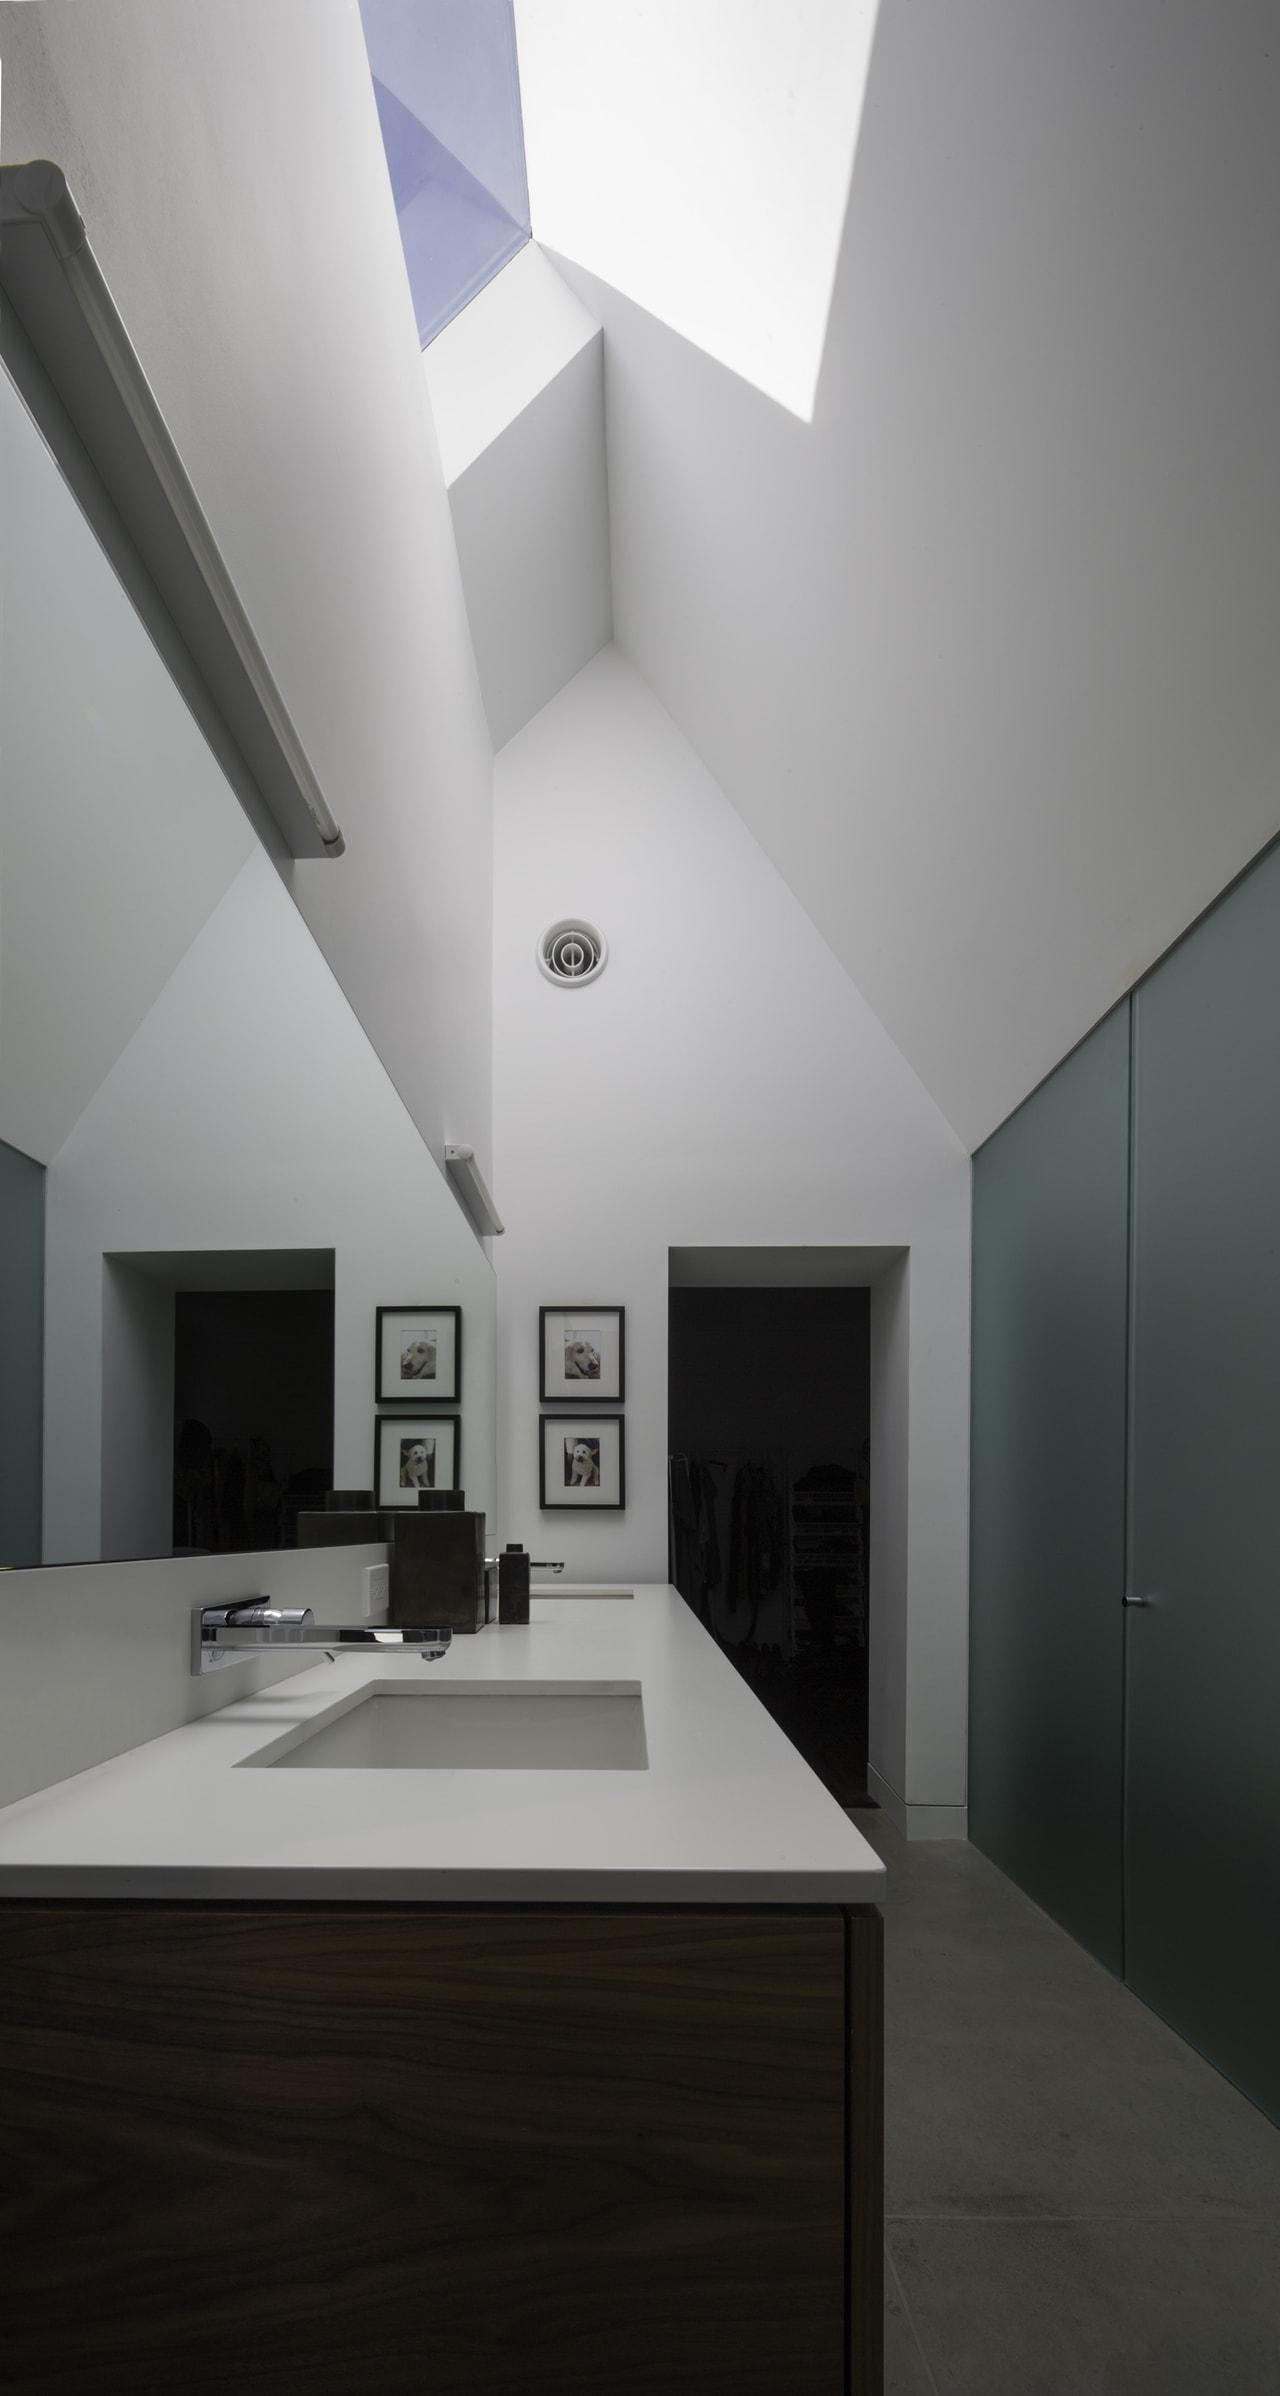 Modern bathroom interior by Chen + Suchart Studio